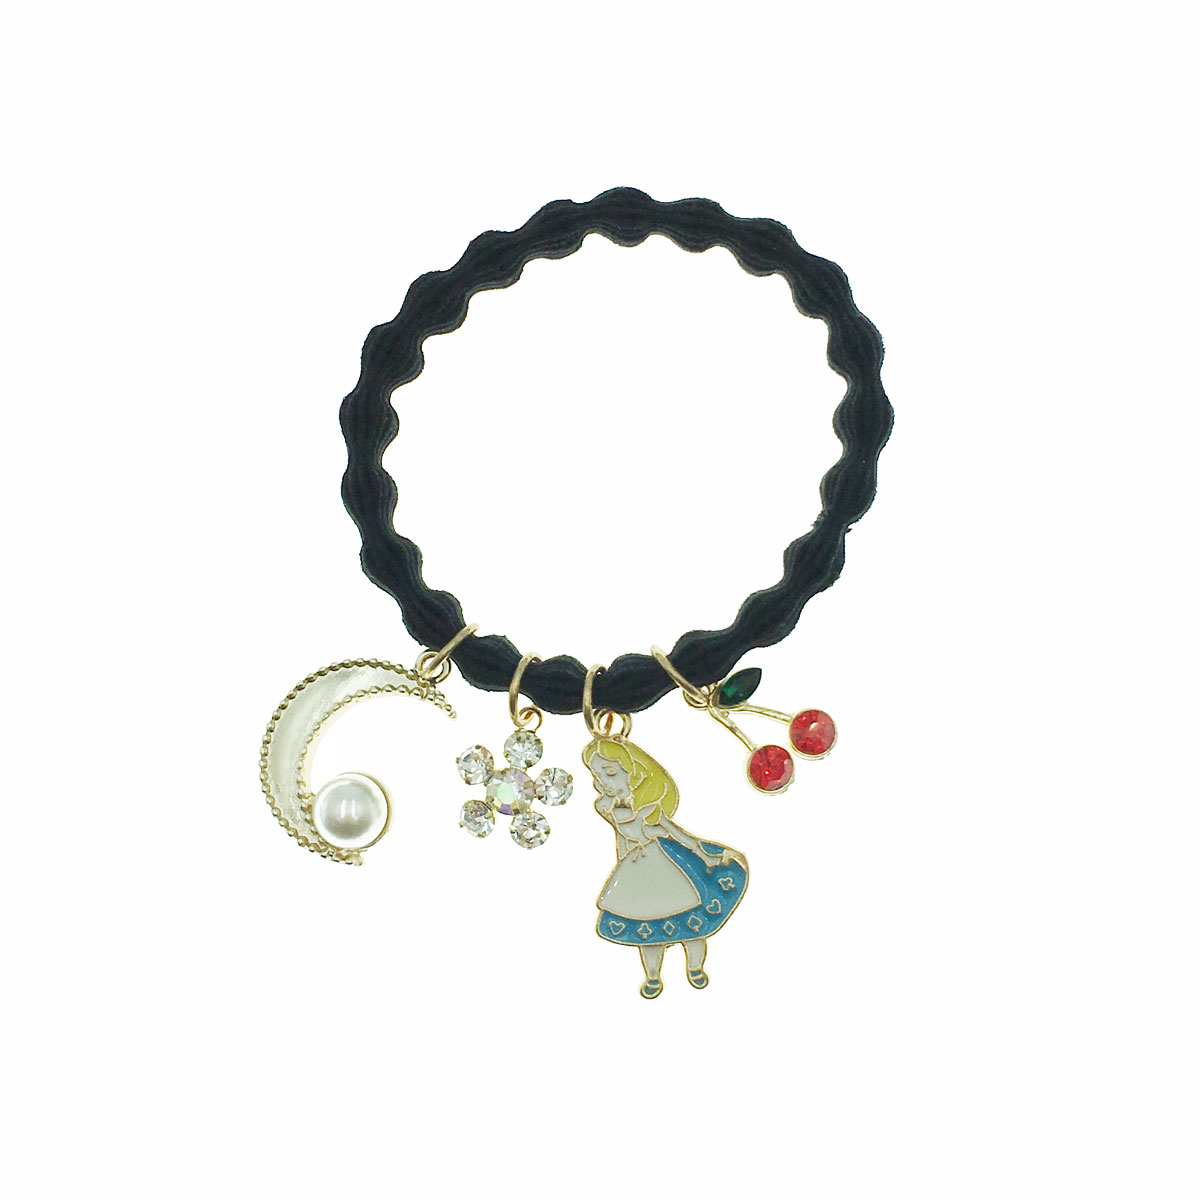 韓國 珍珠 水鑽 愛麗絲 櫻桃 花朵 月亮 髮束 髮圈 髮飾